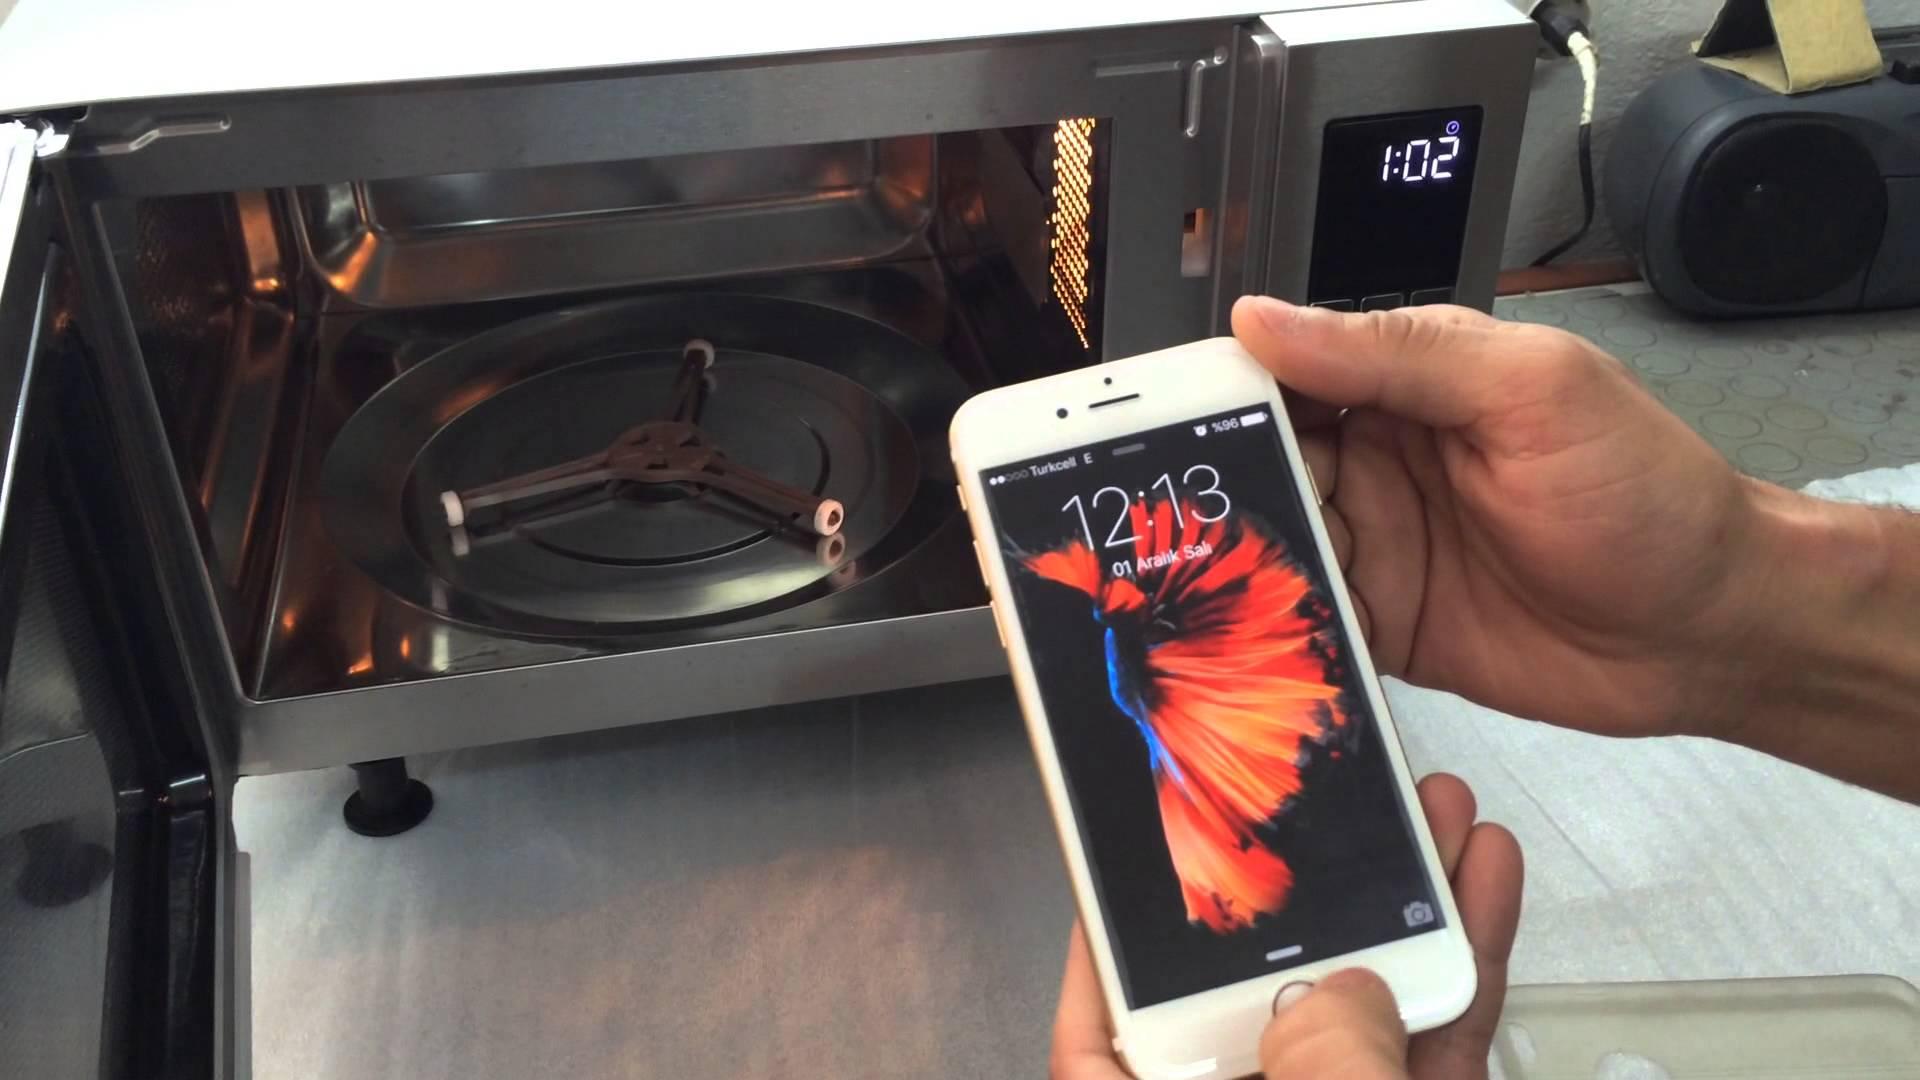 Как зарядить айфон в микроволновке: технология Wave [удачная шутка]